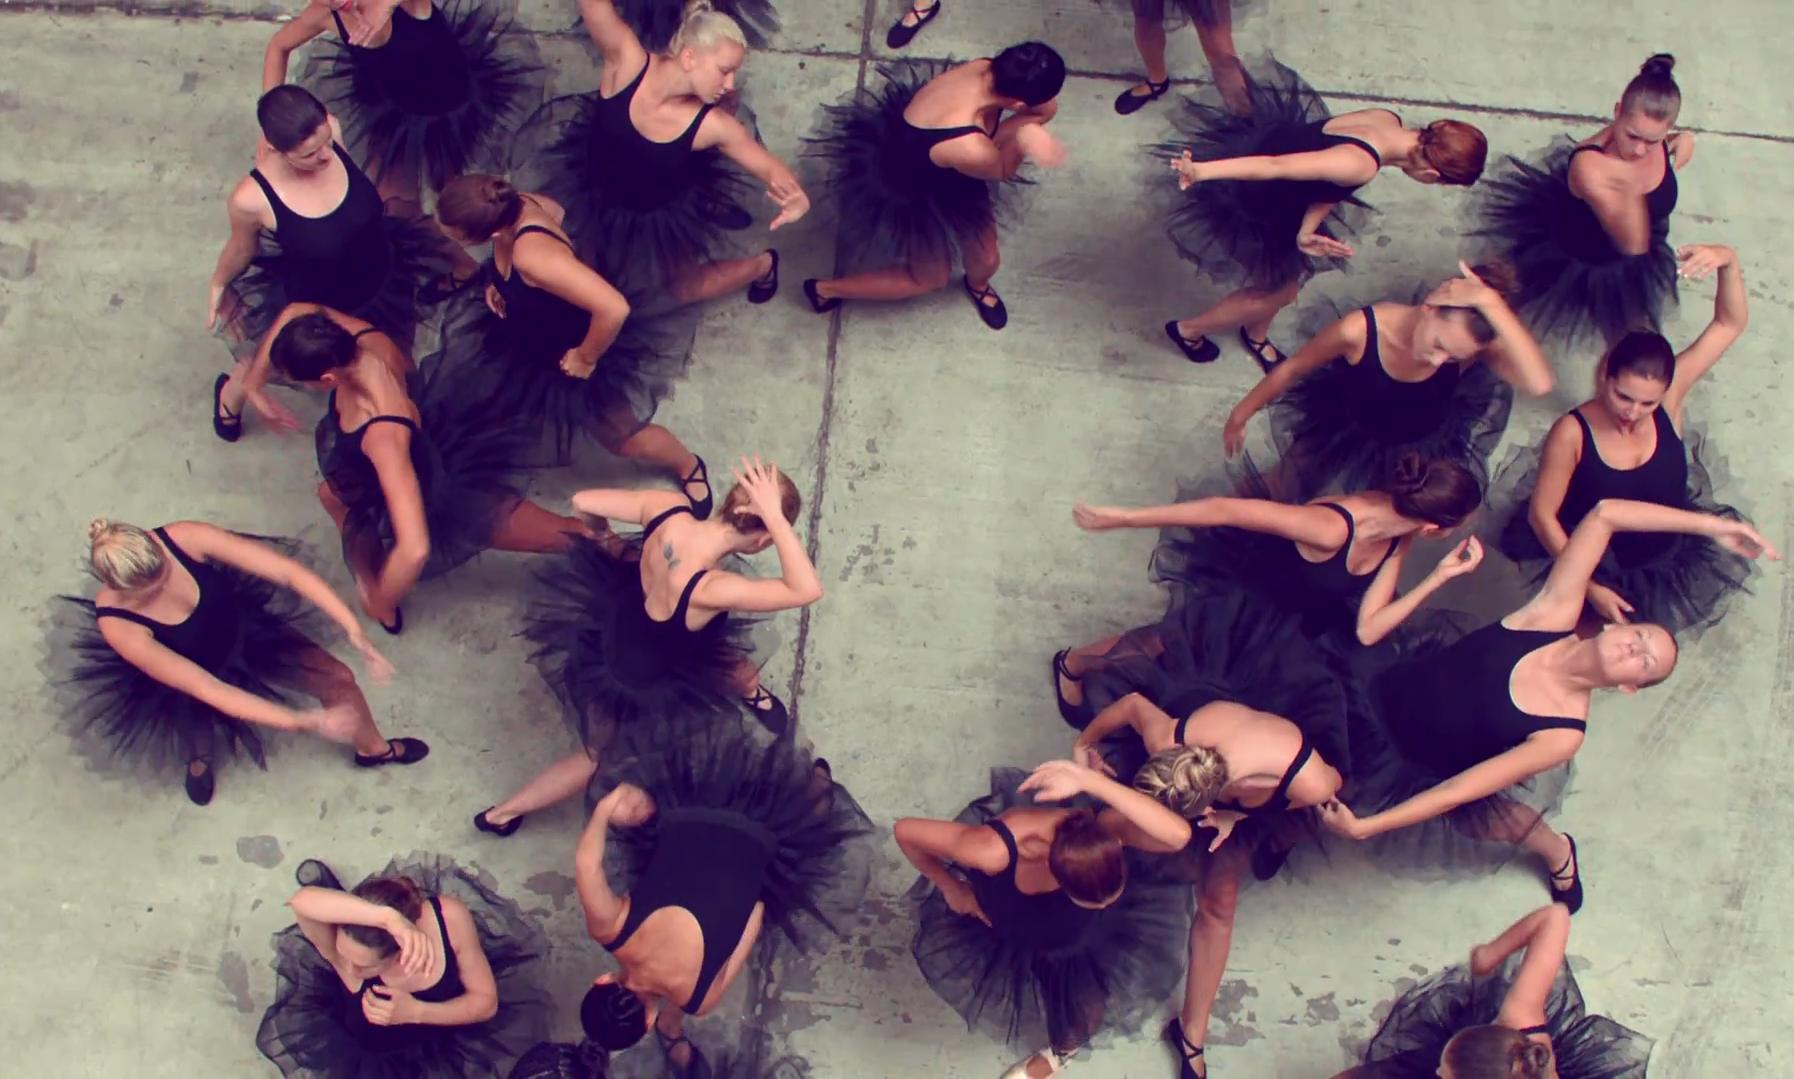 Runaways Kanye West Kanye Kanye West Video